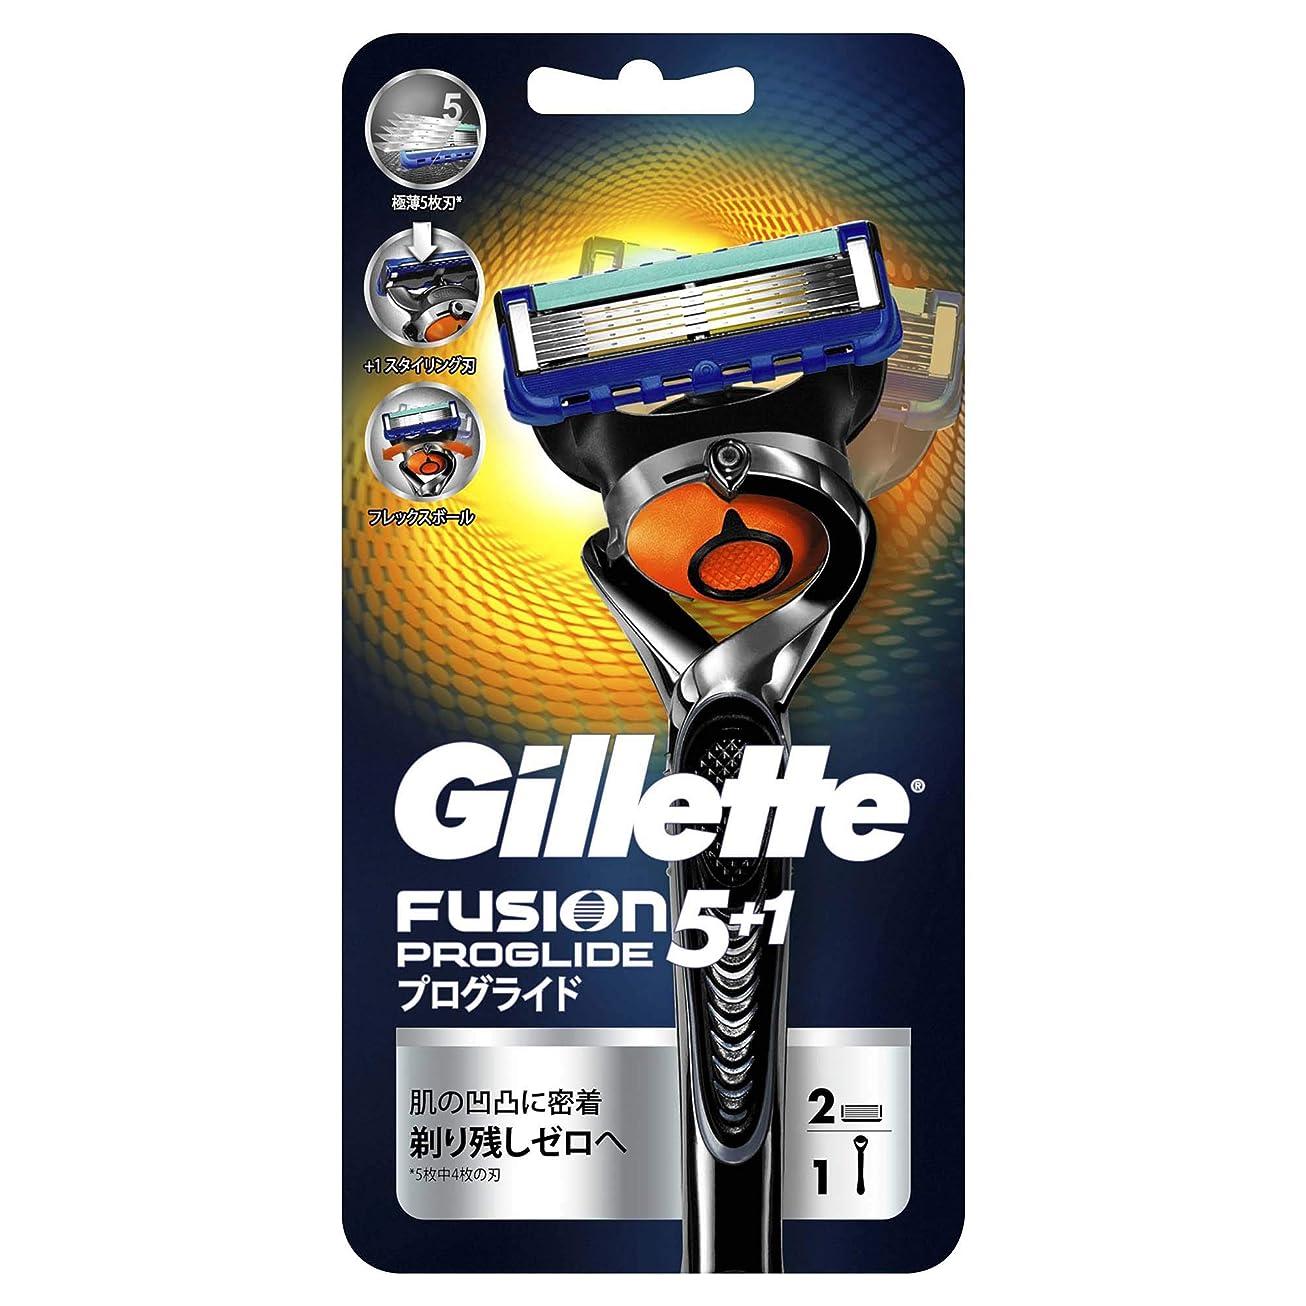 開いた口ひげ単位ジレット プログライド フレックスボール マニュアル 髭剃り 本体 替刃2個付